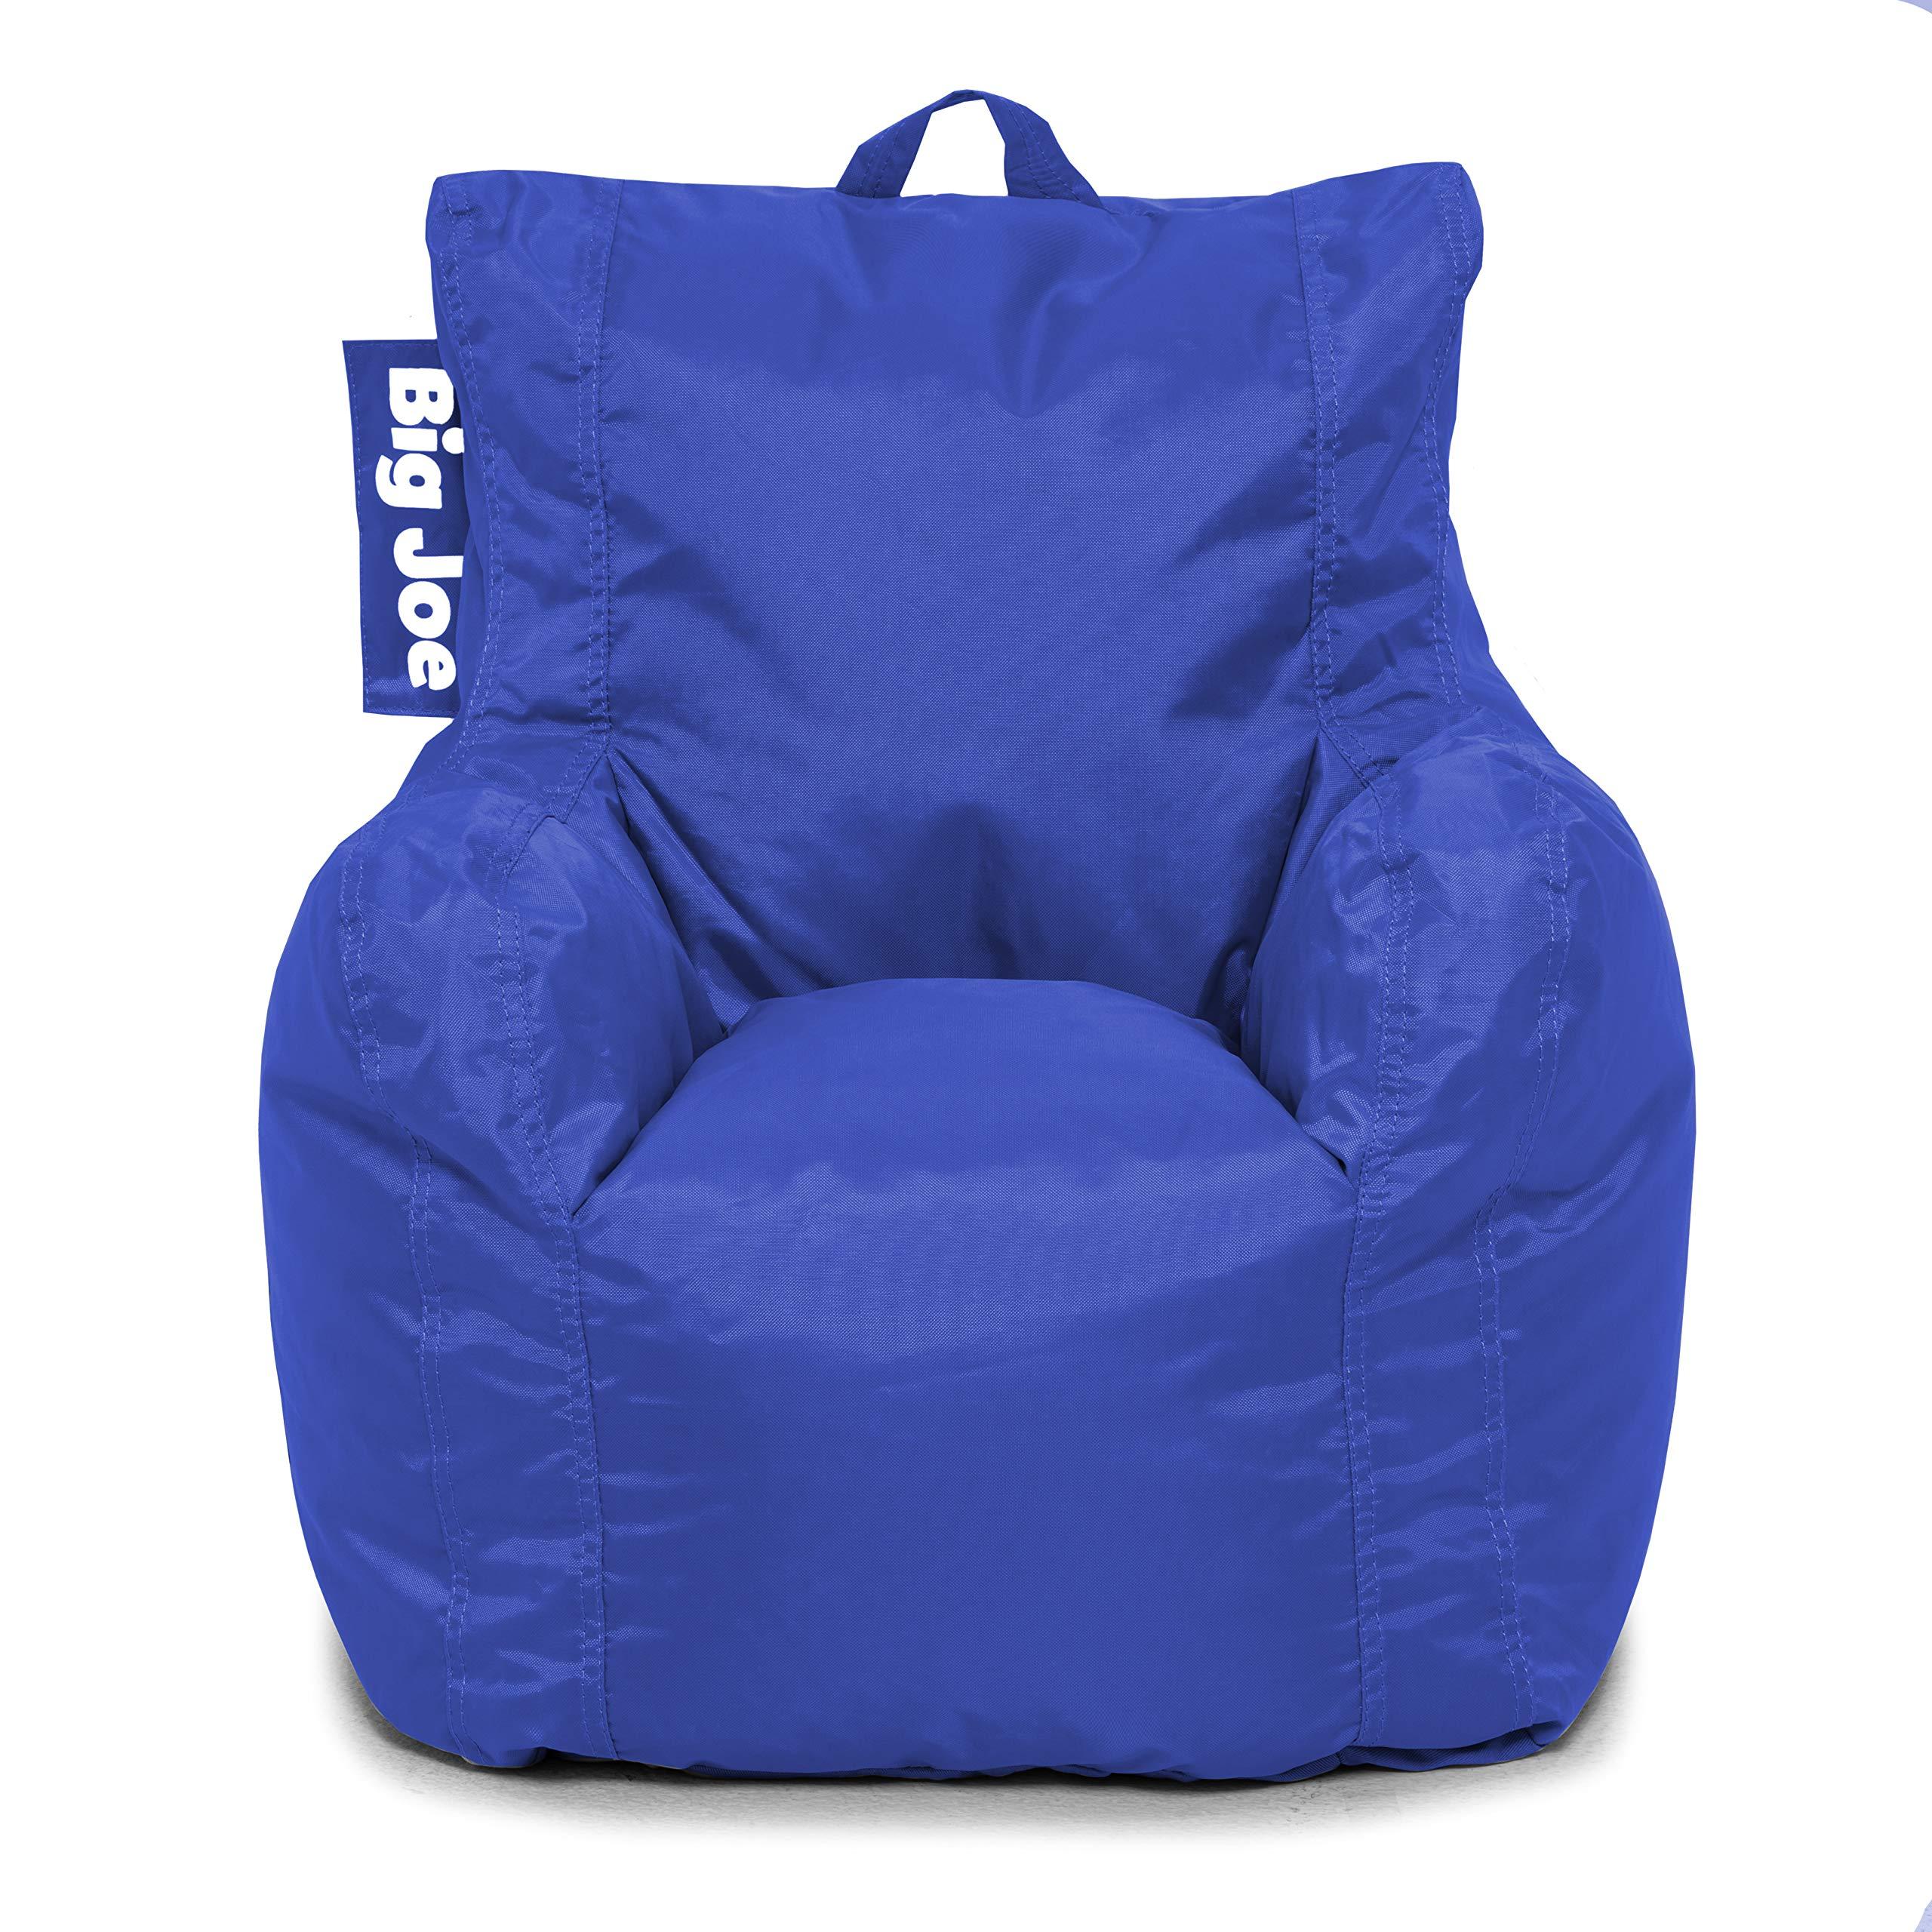 Big Joe Cuddle Chair, Sapphire by Big Joe